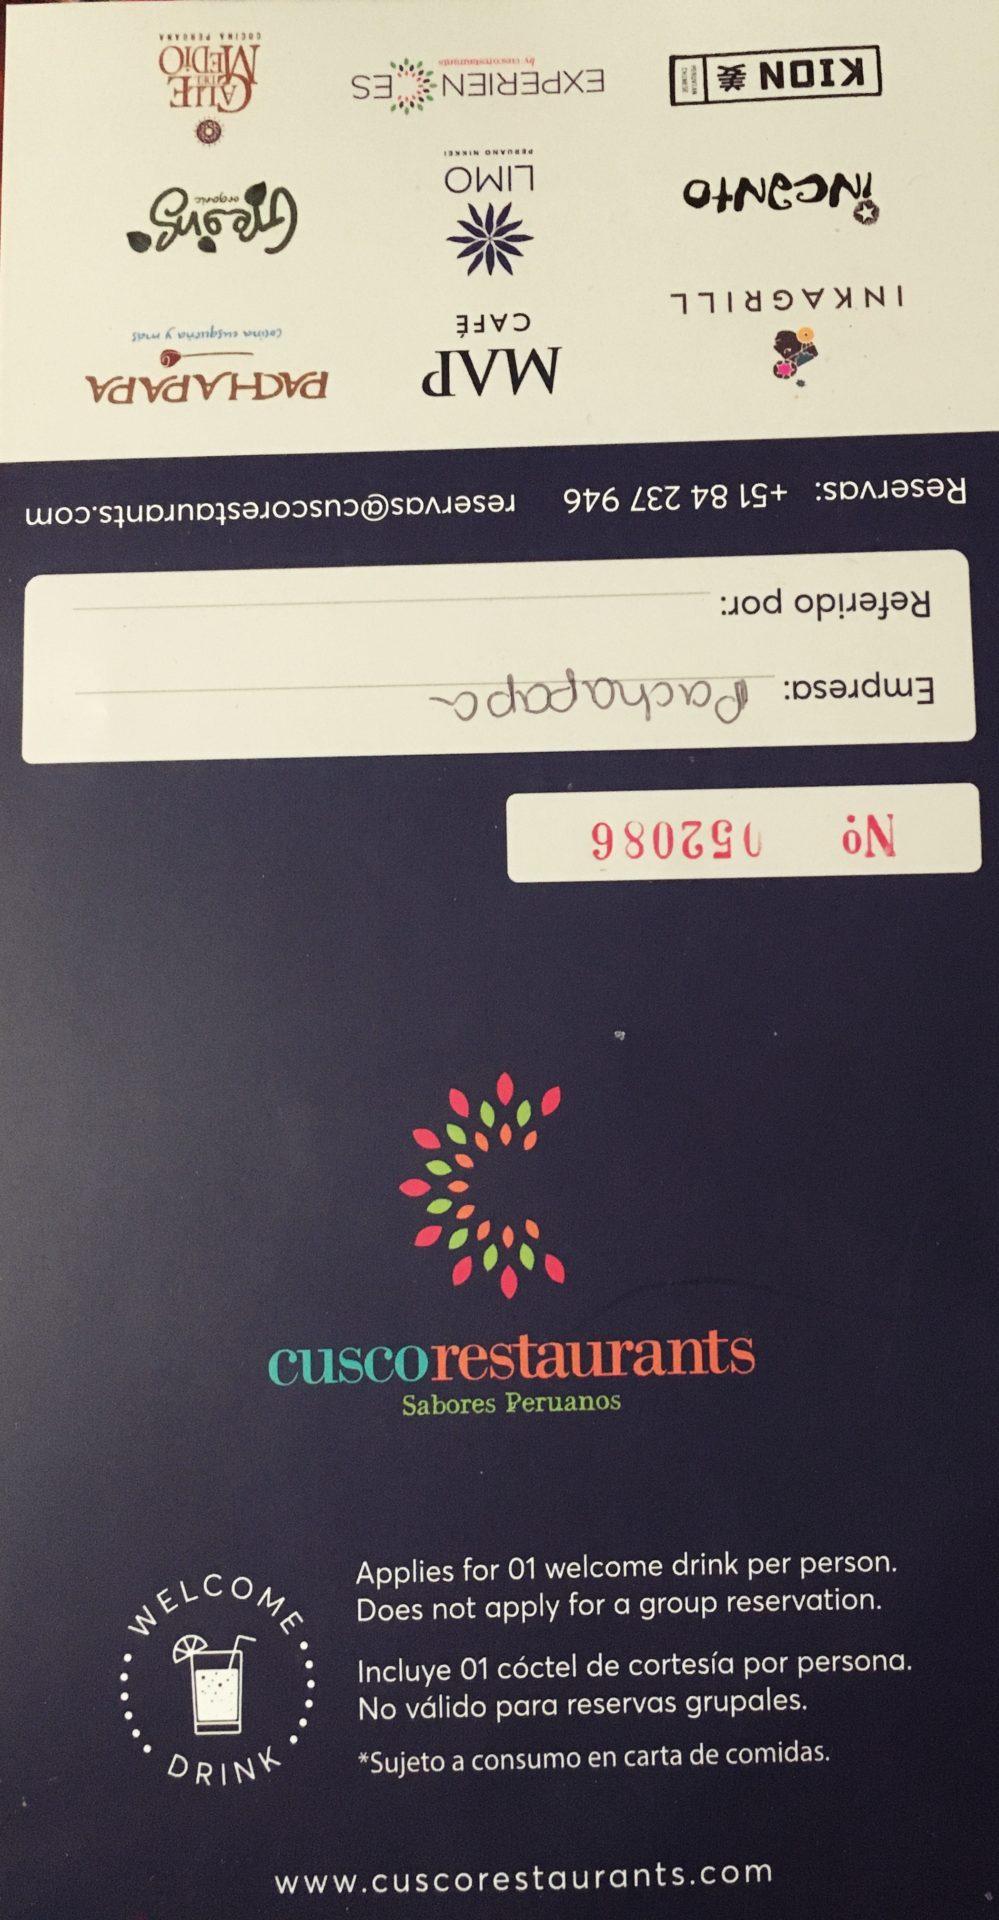 ペルー, クスコ, レストラン, Cusco, おすすめ, 割引, クーポン